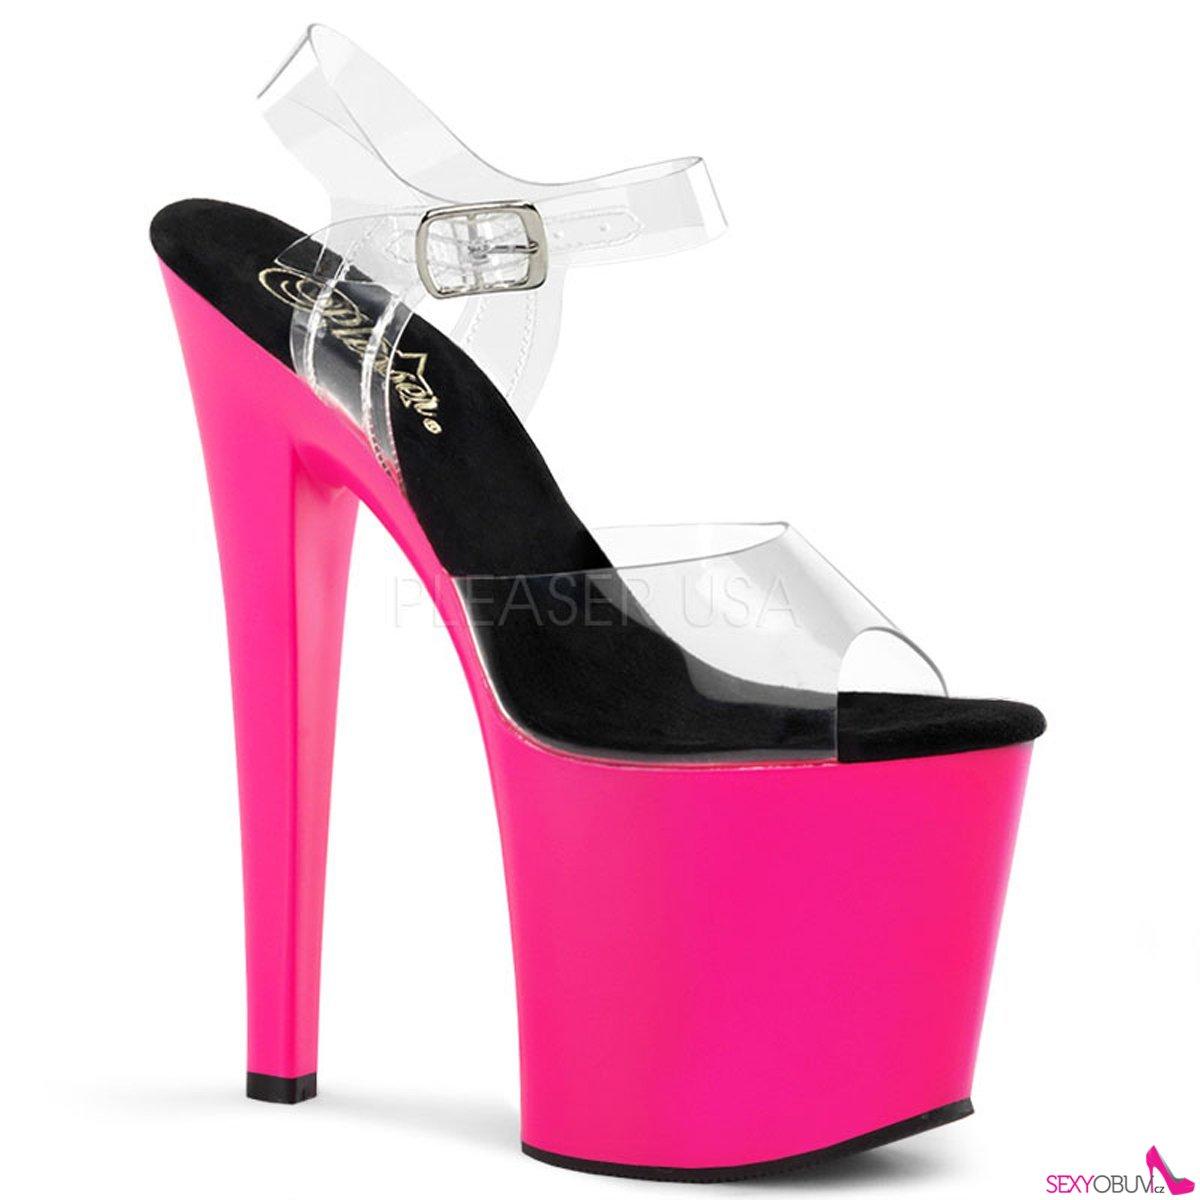 TABOO-708UV Průhledné růžové svítíví sexy boty na platformě a podpatku e341fbe470